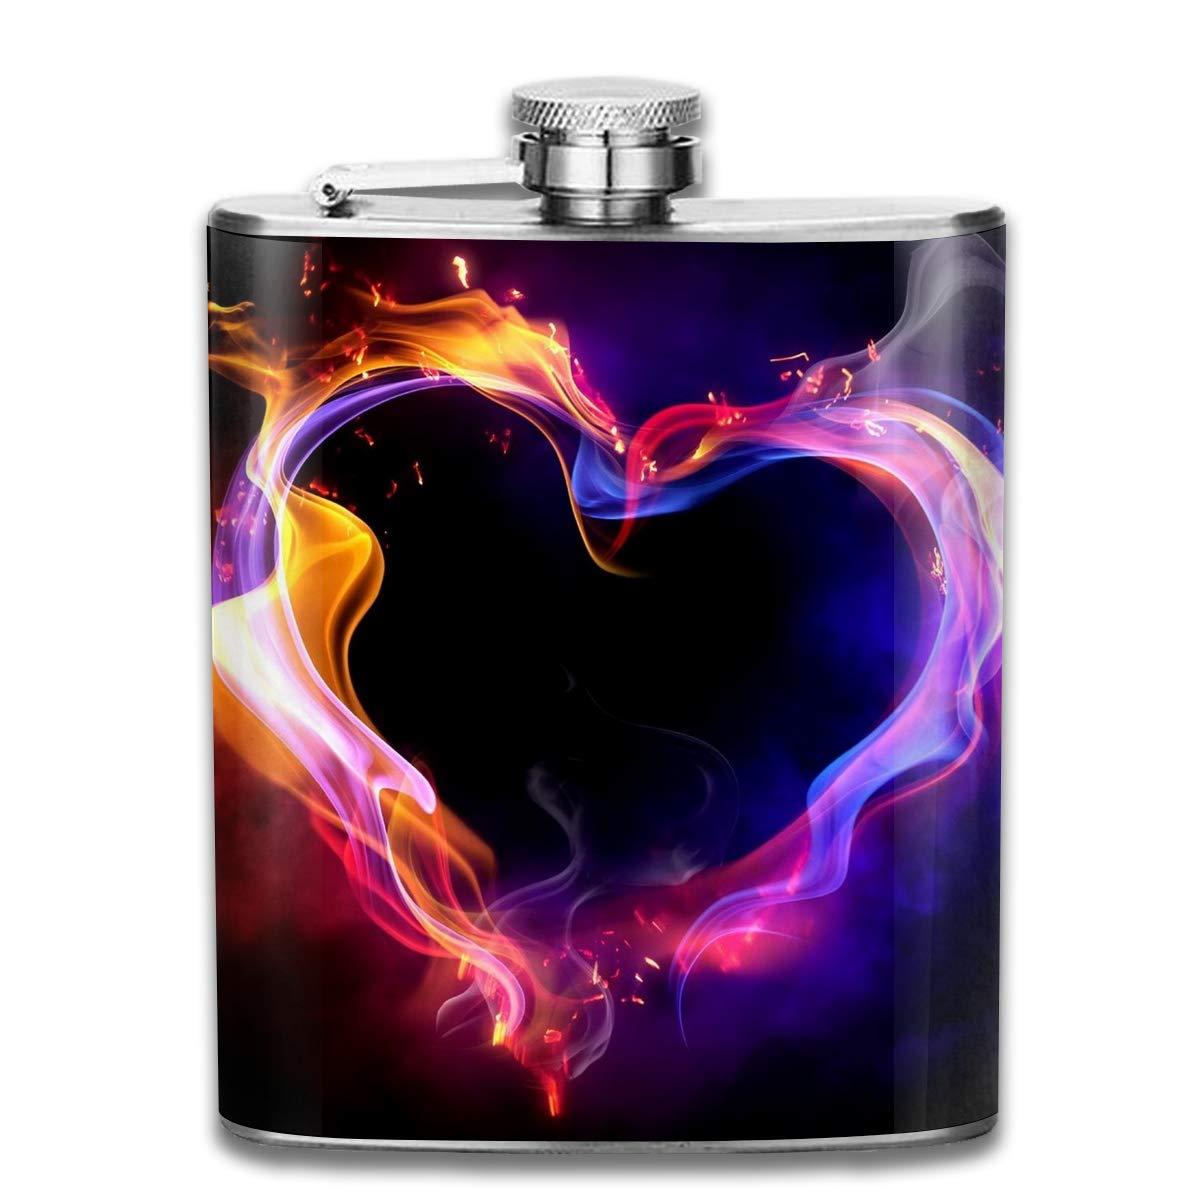 Bikofhd Flask Fire Heart Stainless Steel Hip Flask, Healthy Drink Bottle Outdoor Camping Wine Flask